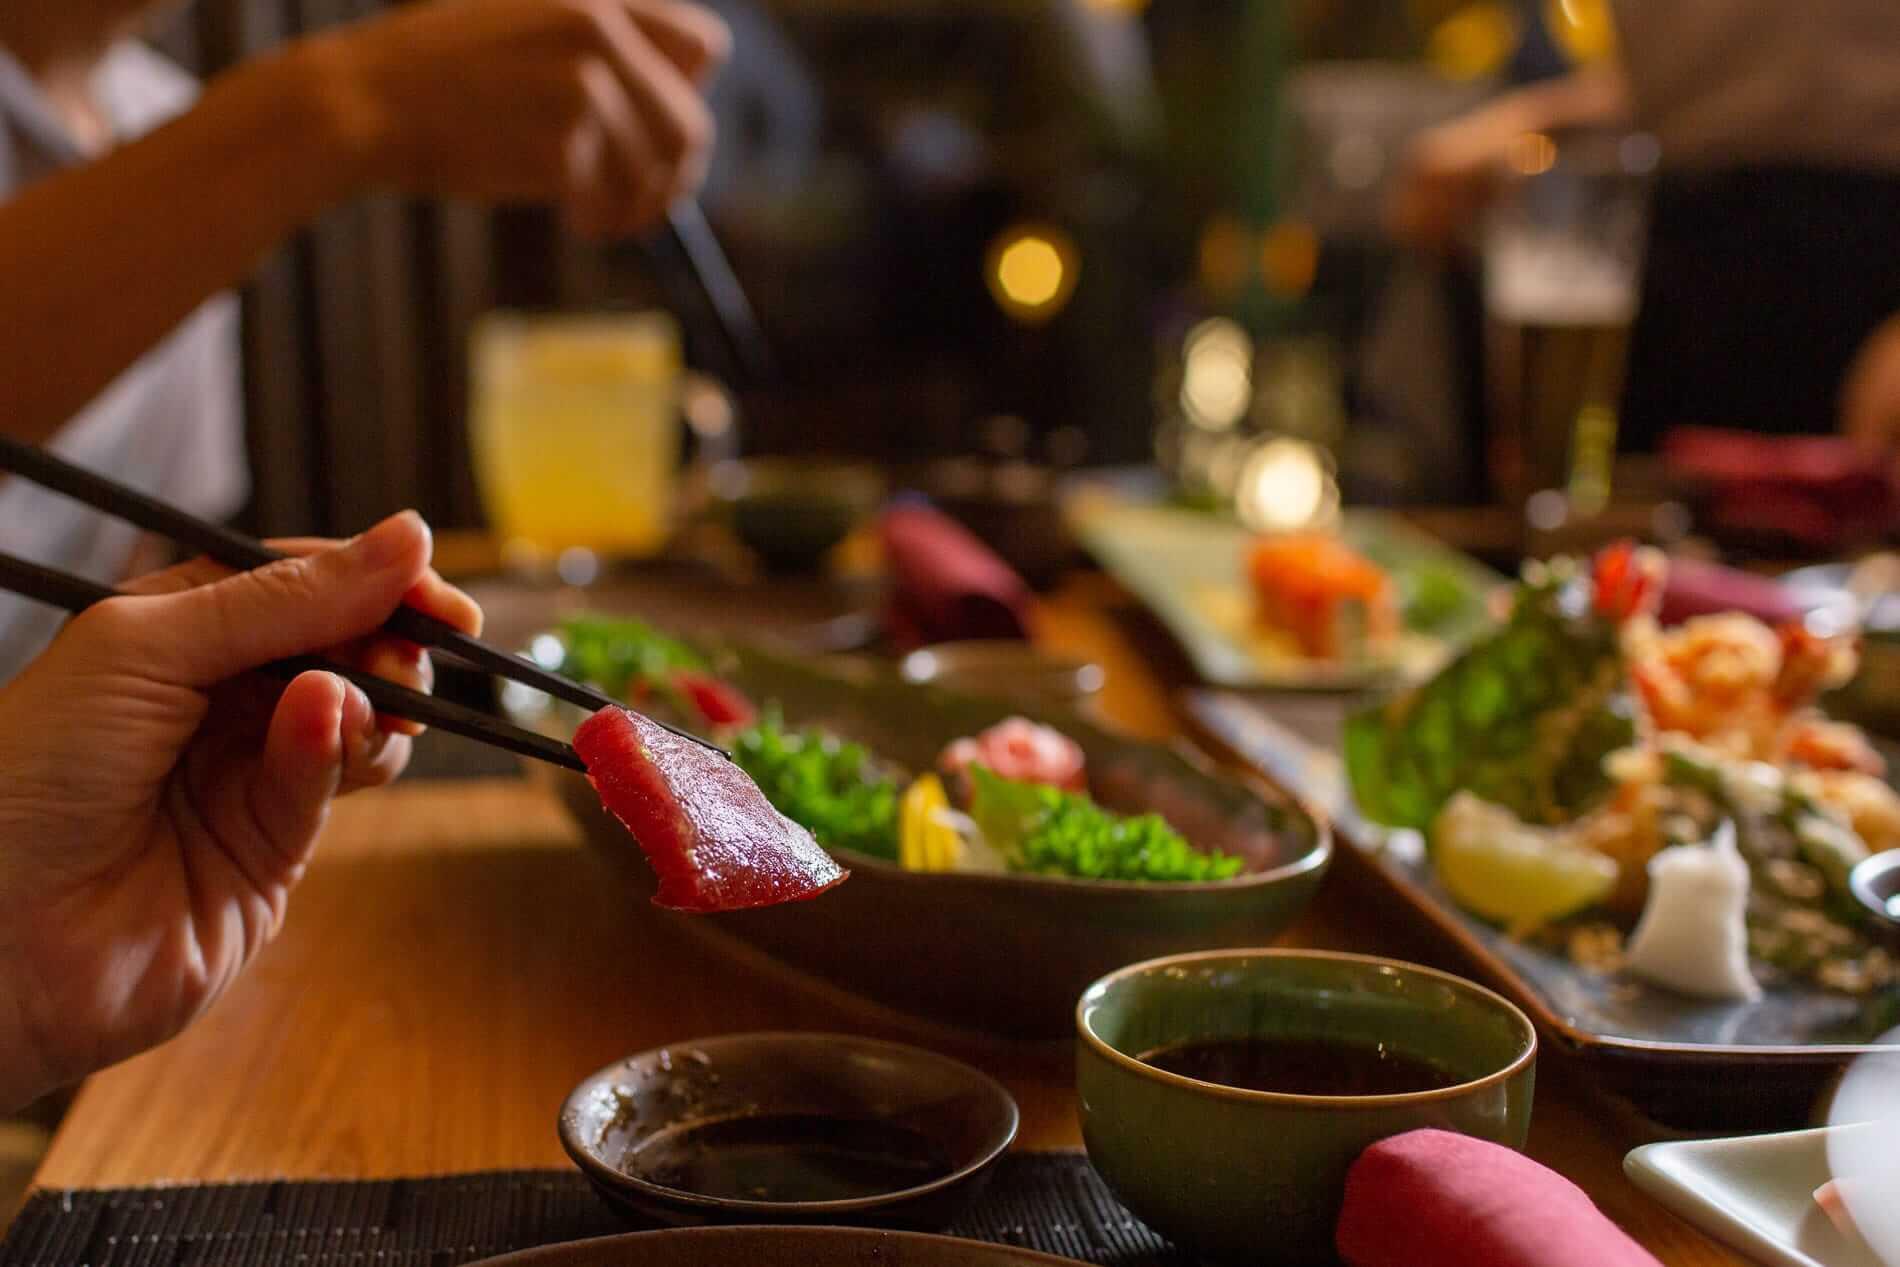 Tuna sashimi and chopsticks